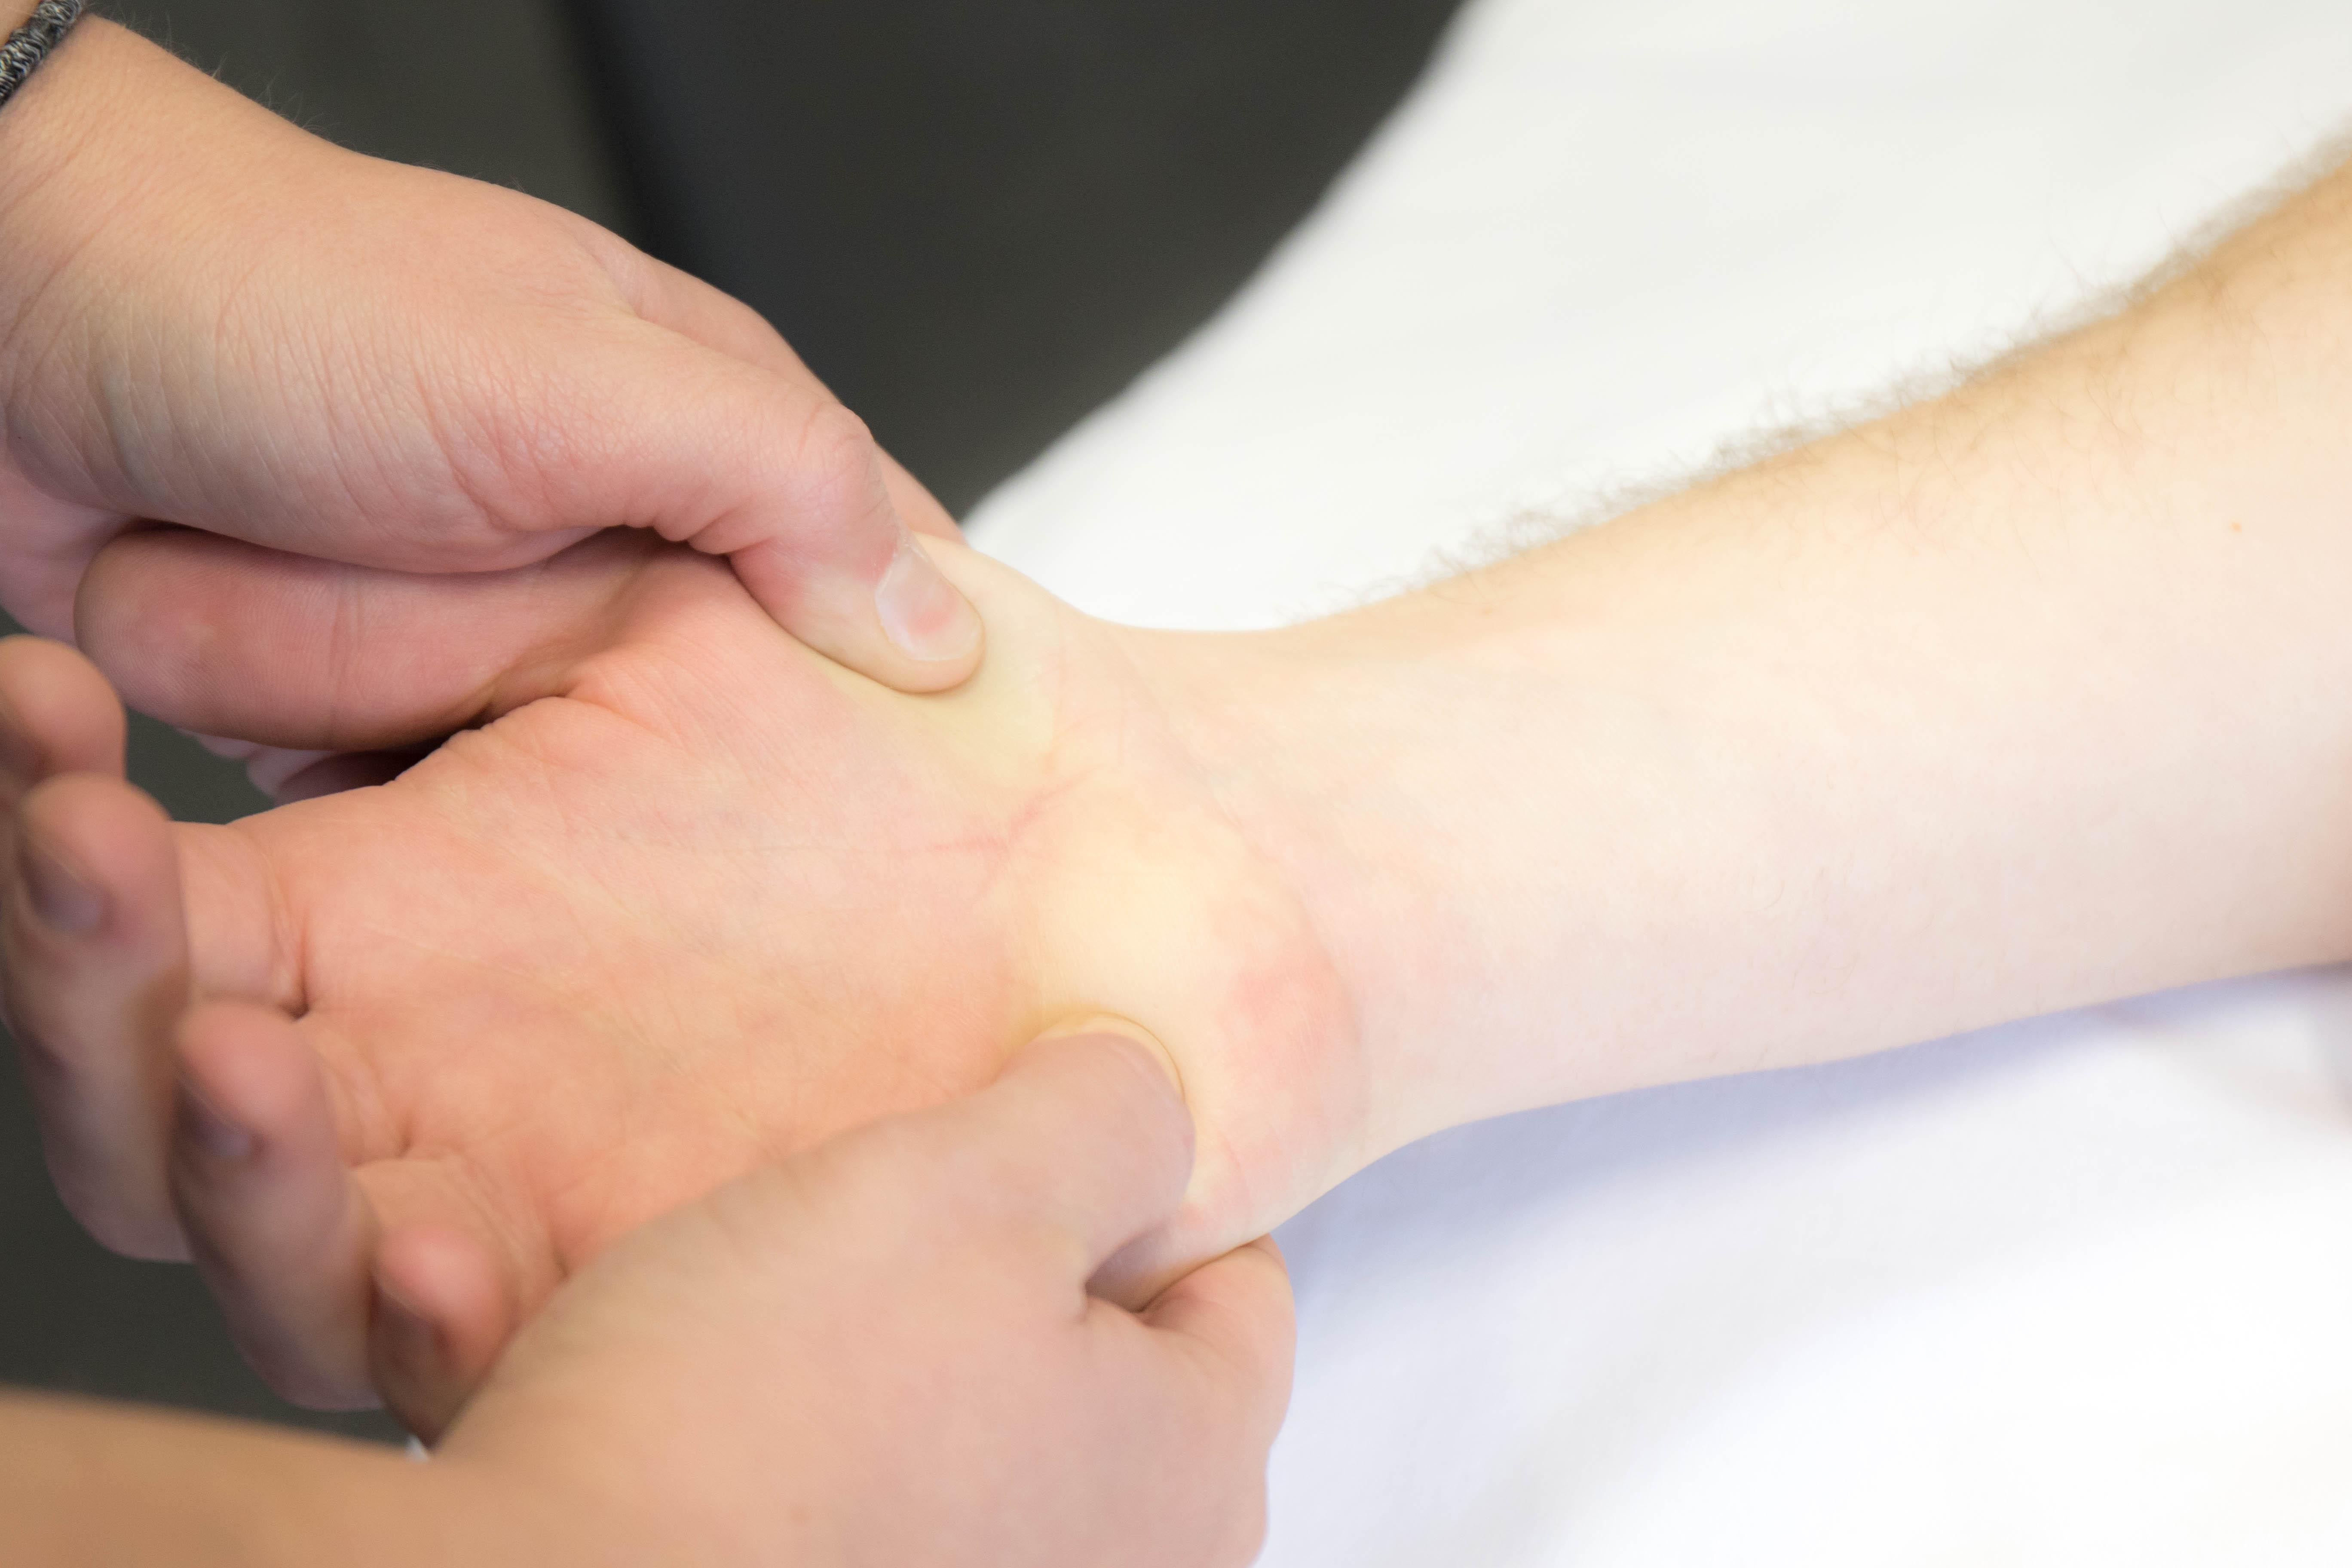 The Best Way to Heal your Broken Wrist